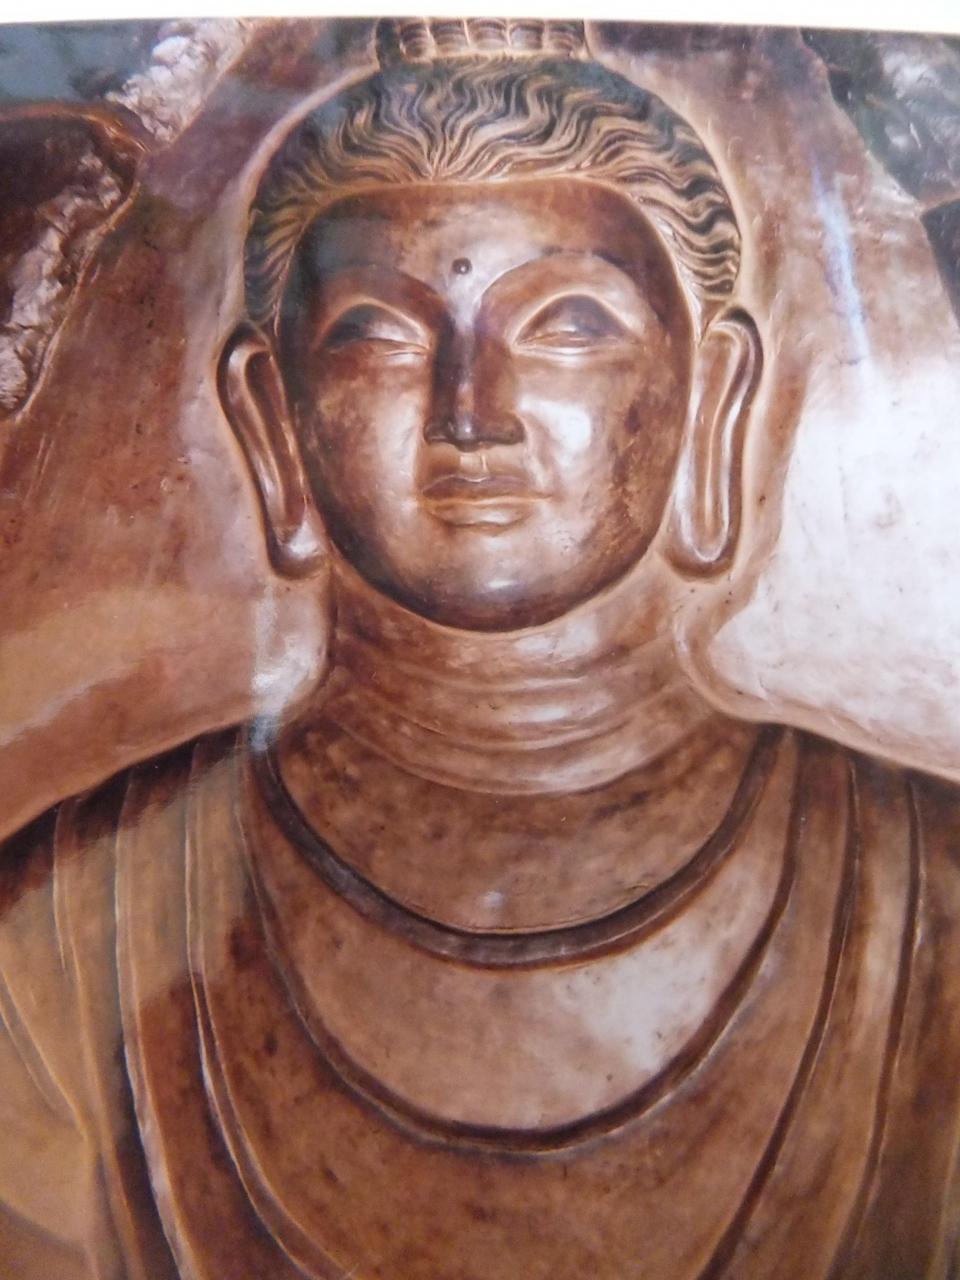 東名高速で関東方面へ、マイカーの旅8日間、1日目。 がん封じのお寺さんに参拝する。